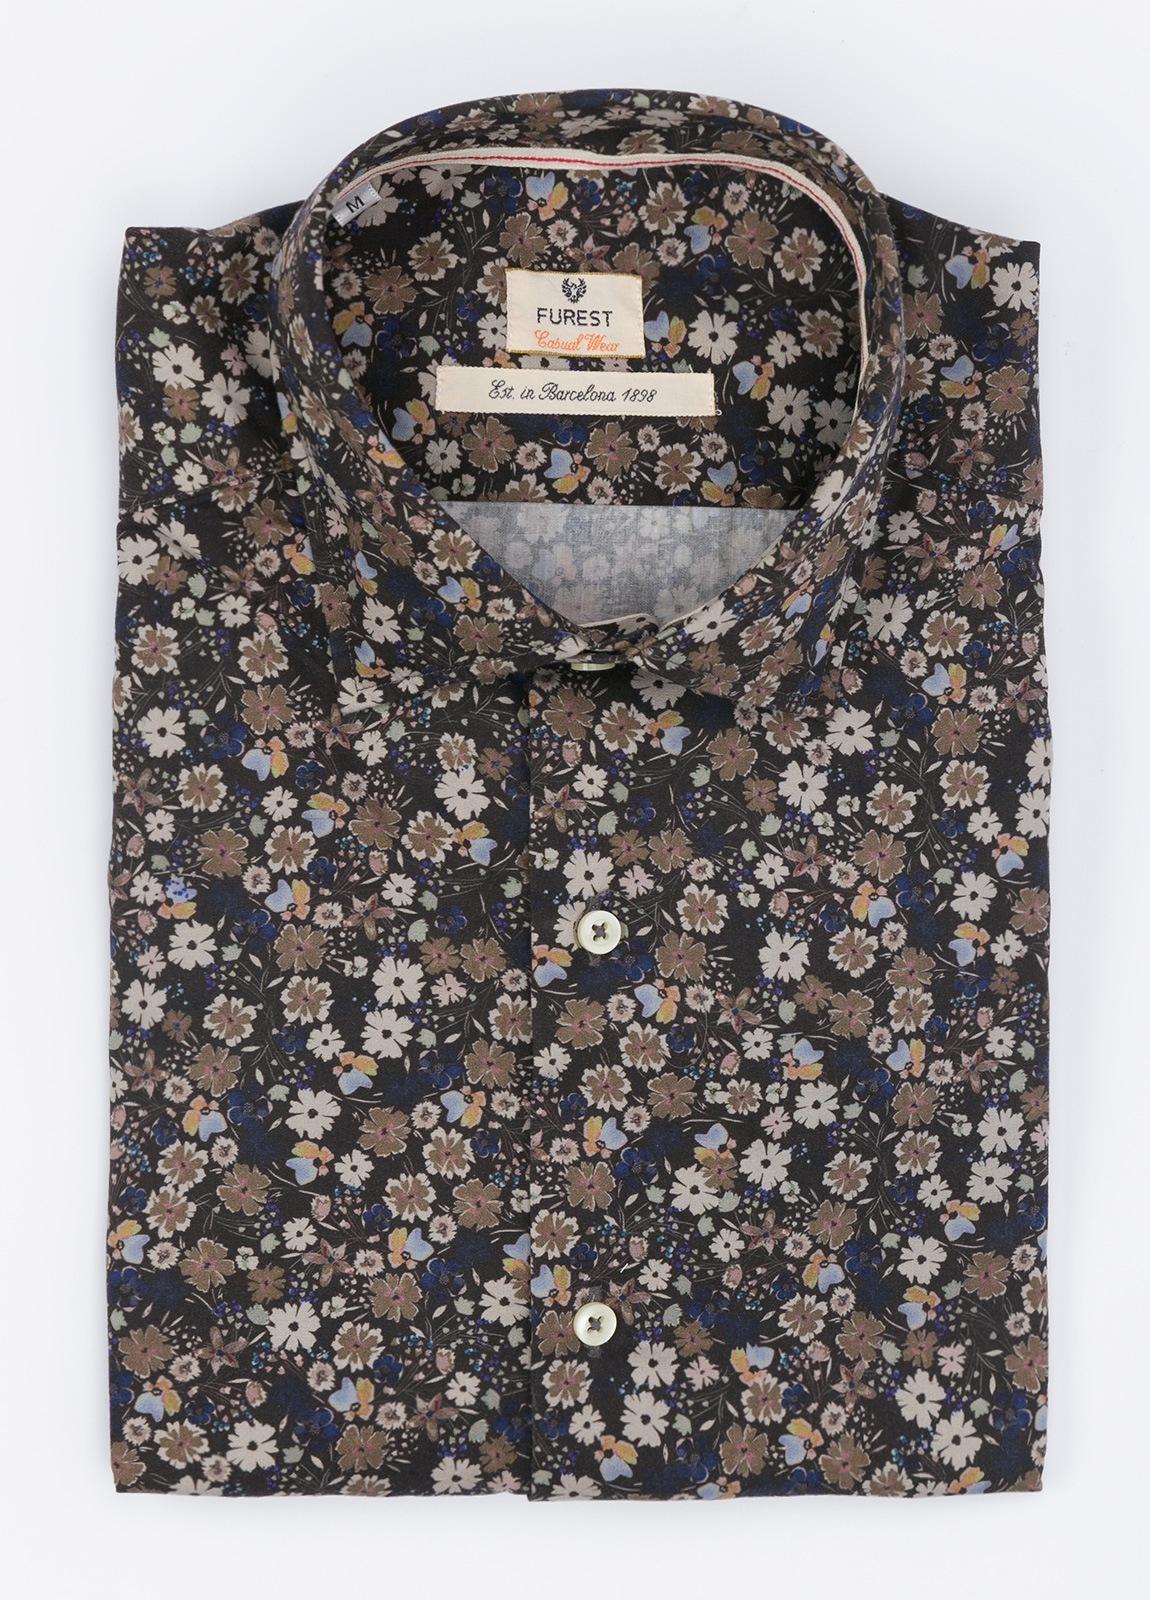 Camisa Leisure Wear SLIM FIT , modelo PORTO estampado floral color azul . 100% Algodón.